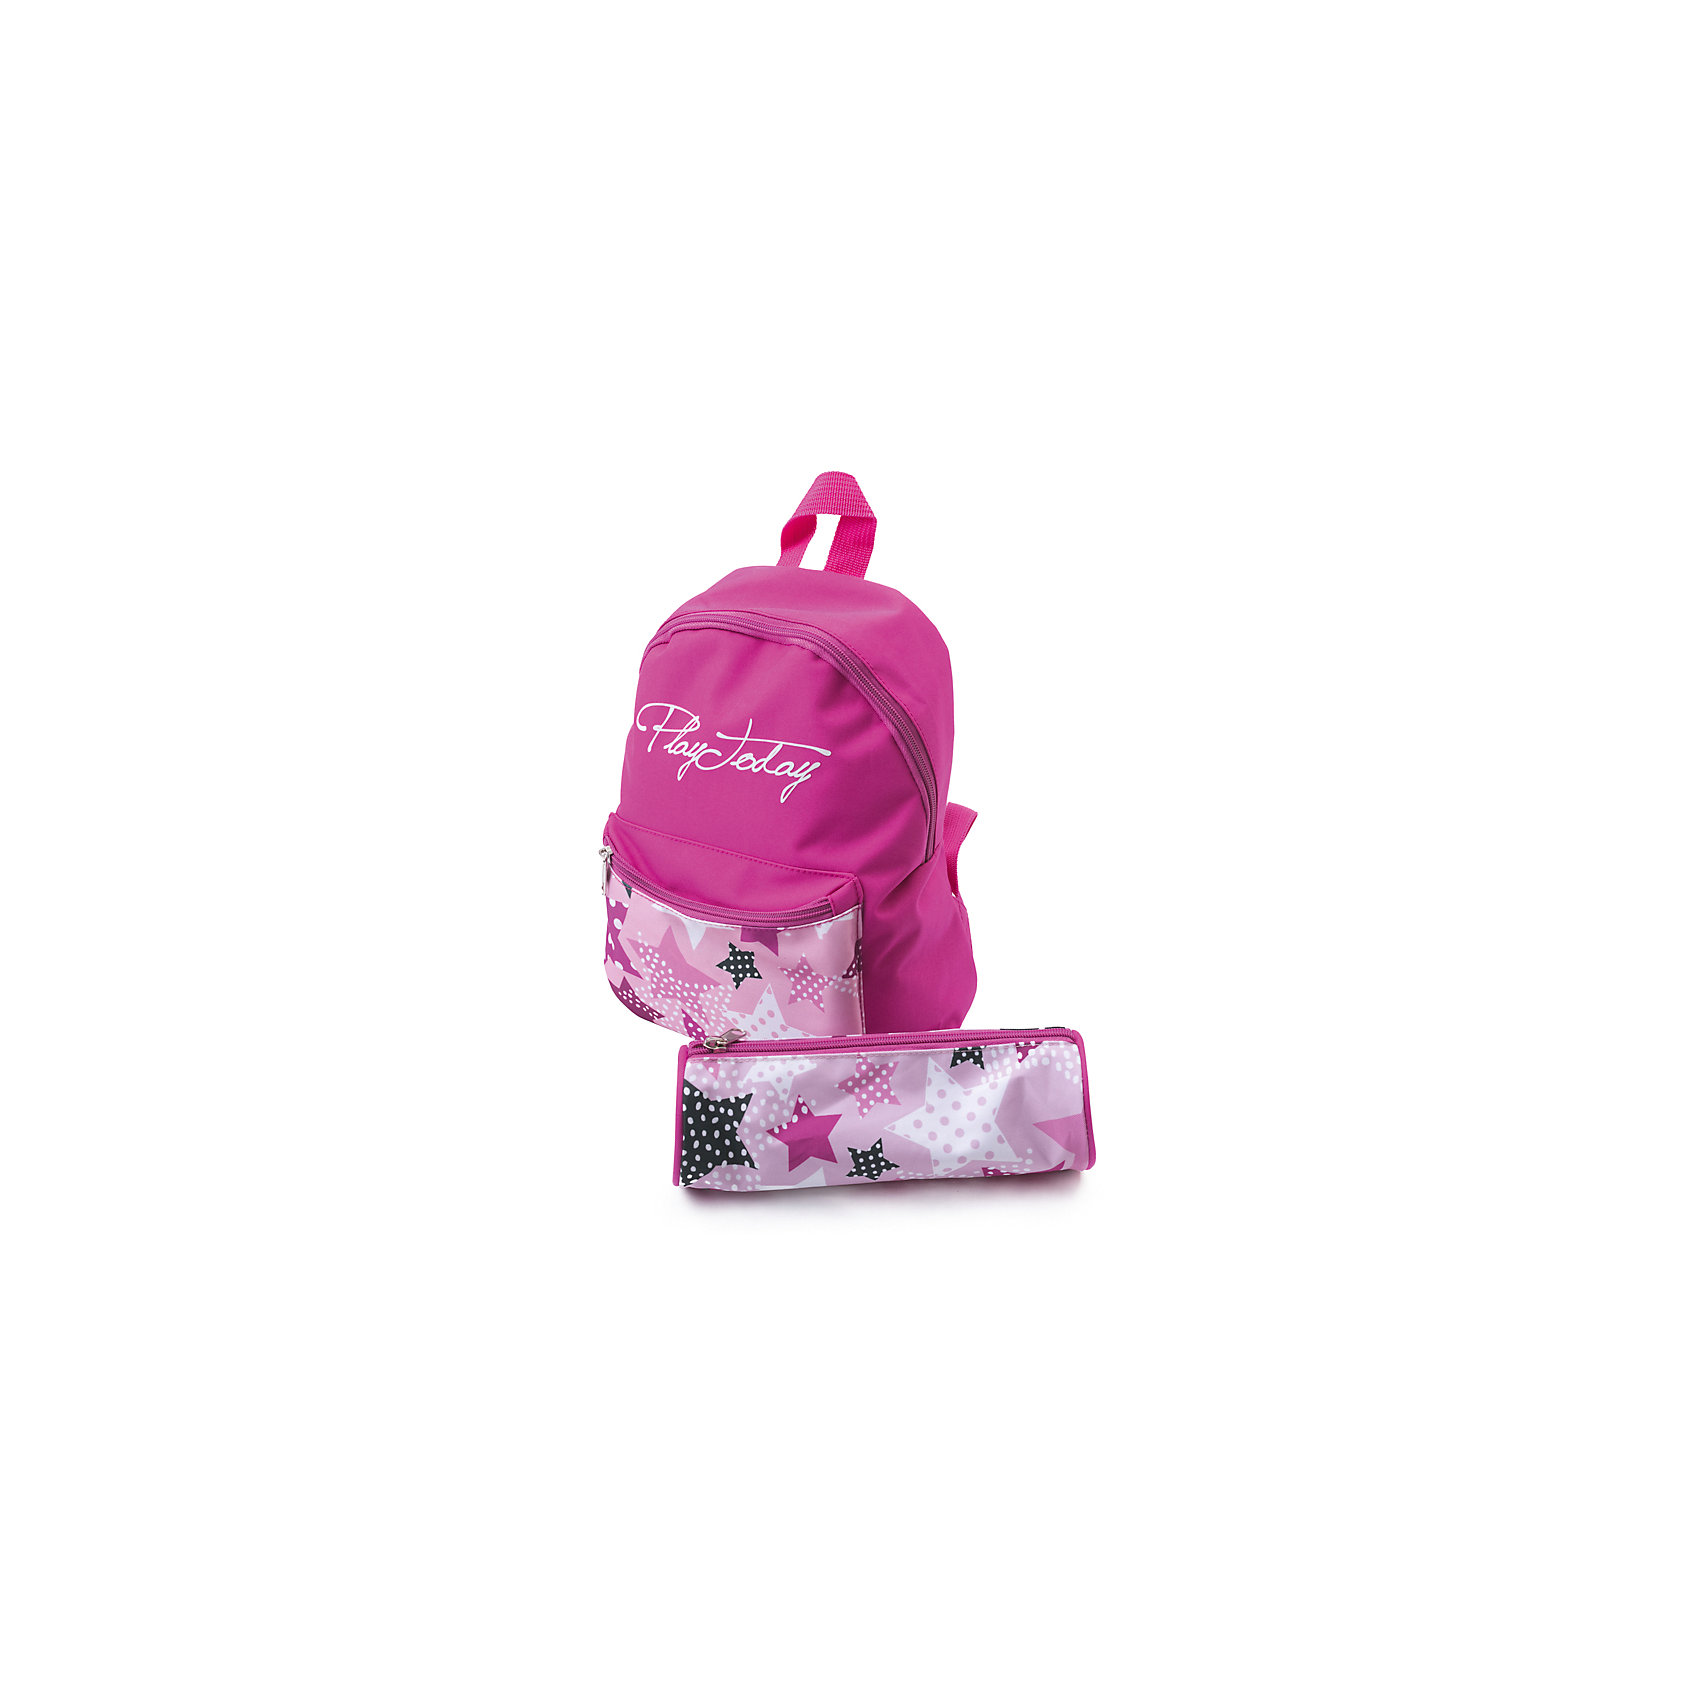 Сумка для девочки PlayTodayСумка для девочки PlayToday<br>Оригинальный рюкзак понравится Вашему ребенку. В нем поместятся все необходимые  принадлежности. Выполнен из прочного безопасного материала. Рюкзак продается с мягким пеналом аналогичной расцветки <br><br>Преимущества: <br><br>Регулируемые по длине бретели<br>Водооталкивающая пропитка<br>Модель продается с мягким пеналом<br><br>Состав:<br>Верх: 100% полиэстер, подкладка: 100% полиэстер<br><br>Ширина мм: 170<br>Глубина мм: 157<br>Высота мм: 67<br>Вес г: 117<br>Цвет: разноцветный<br>Возраст от месяцев: 60<br>Возраст до месяцев: 144<br>Пол: Женский<br>Возраст: Детский<br>Размер: one size<br>SKU: 5404752